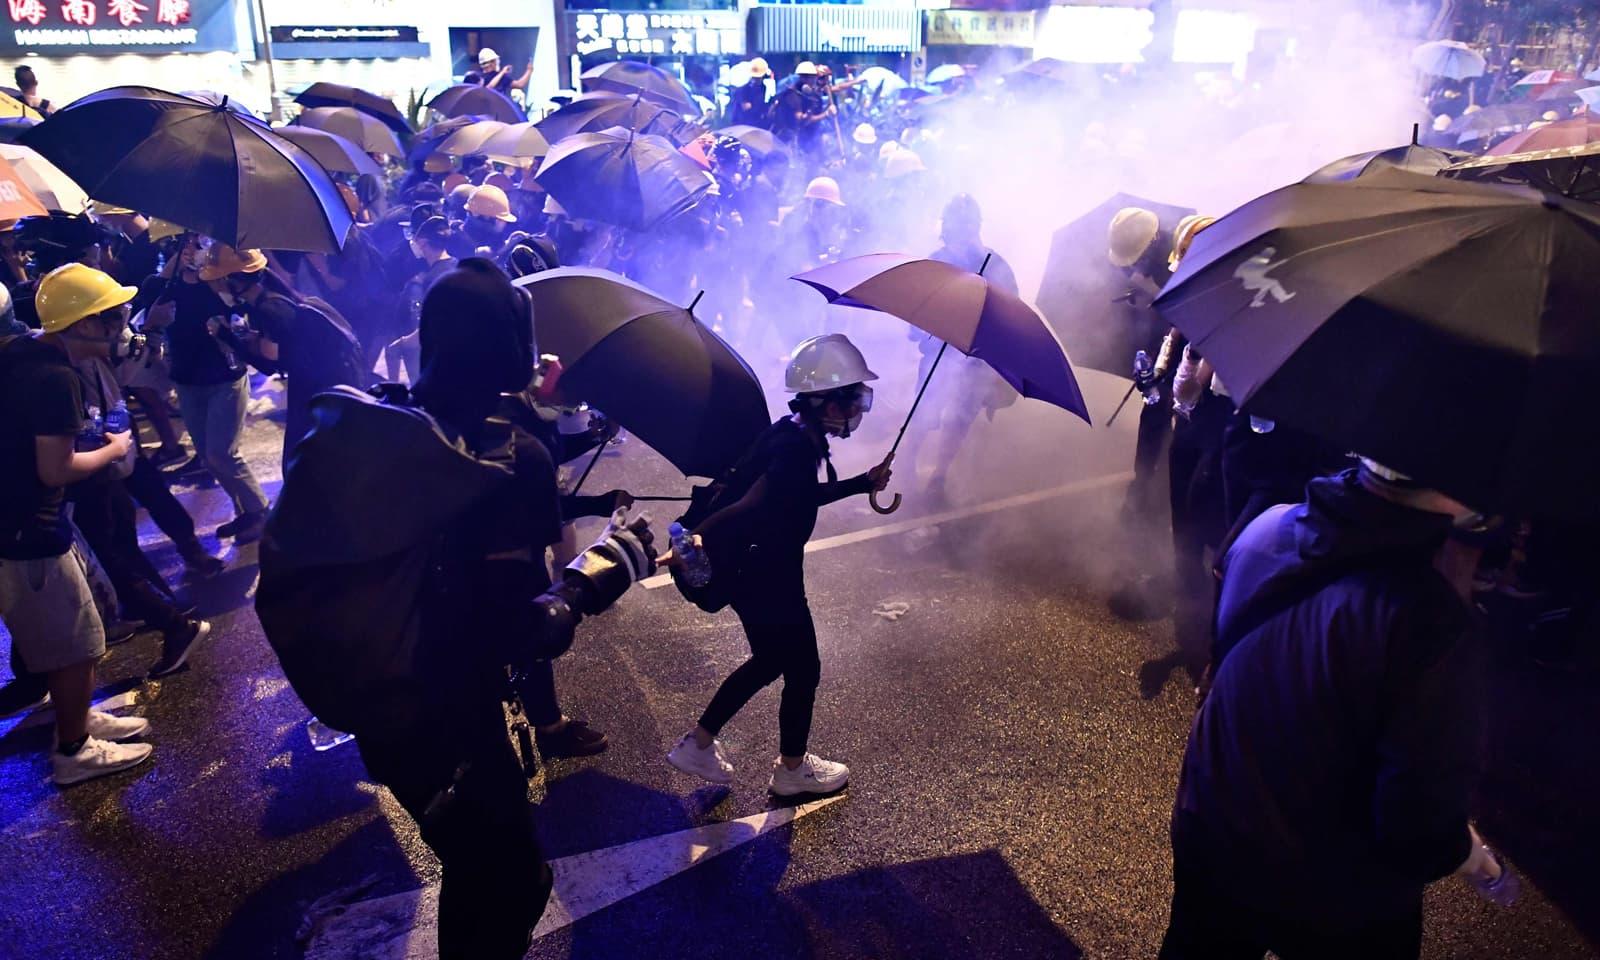 مجرمان کی حوالگی سے متعلق پیش کیے گئے قانون کے خلاف ہانک کانگ کے باشندے سراپا احتجاج ہیں—فوٹو: اے ایف پی